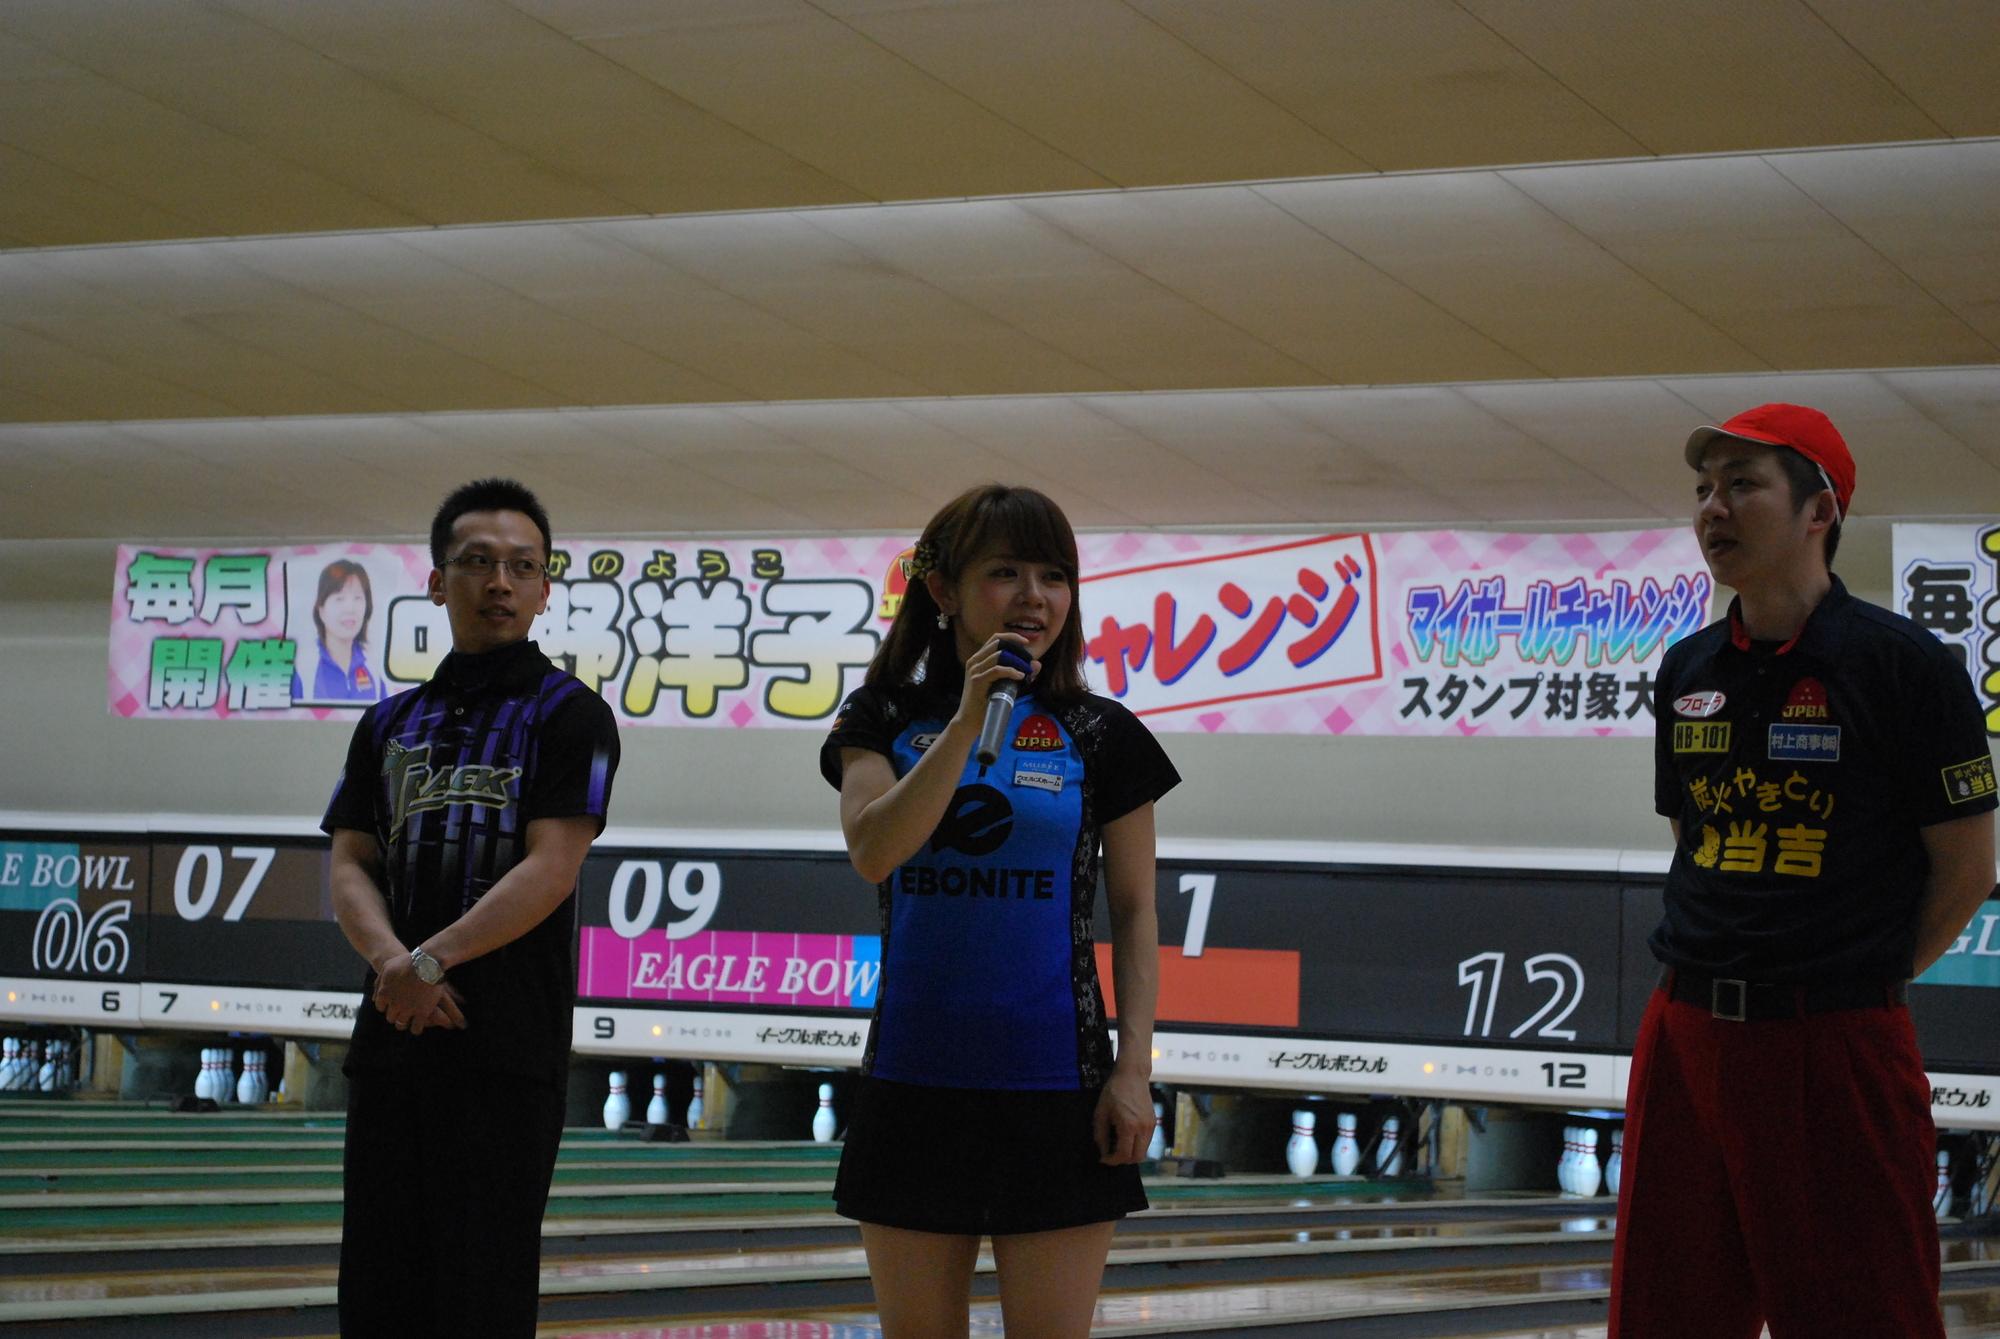 櫻井眞利子プロチャレンジ